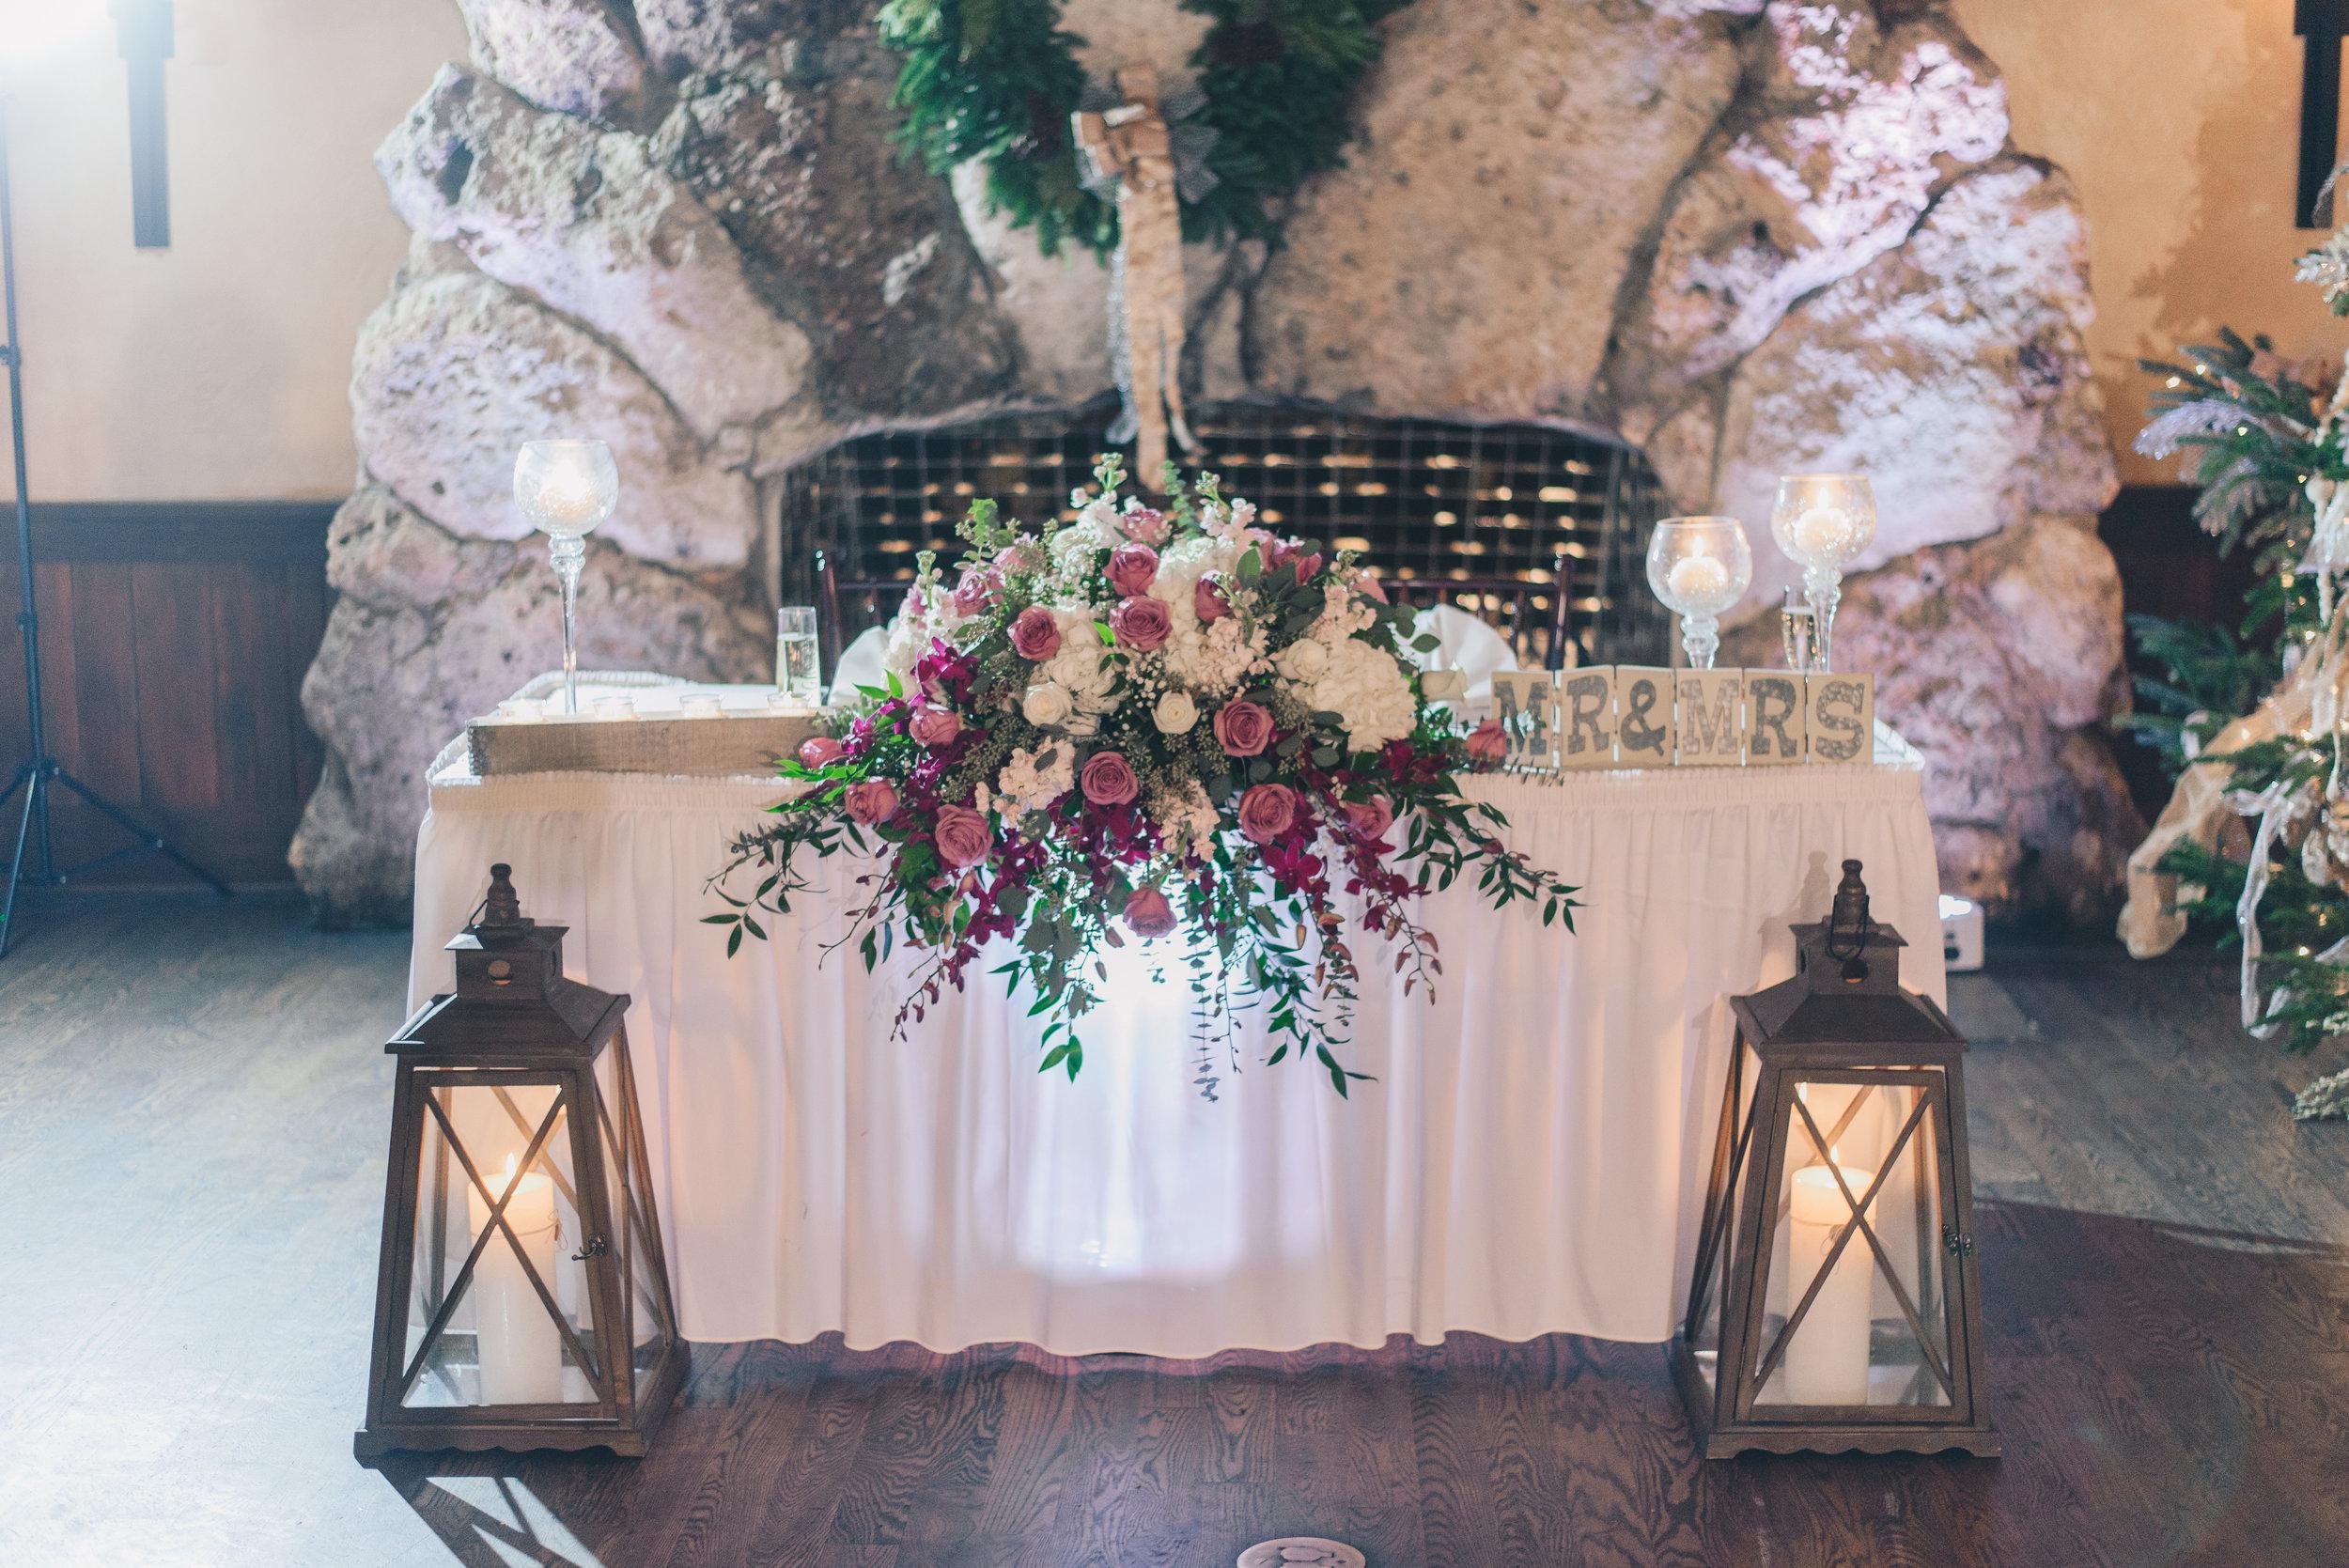 Los-Vargas-Photo-Wedding-Historic-Dubsdread-Ballroom-9009.jpg